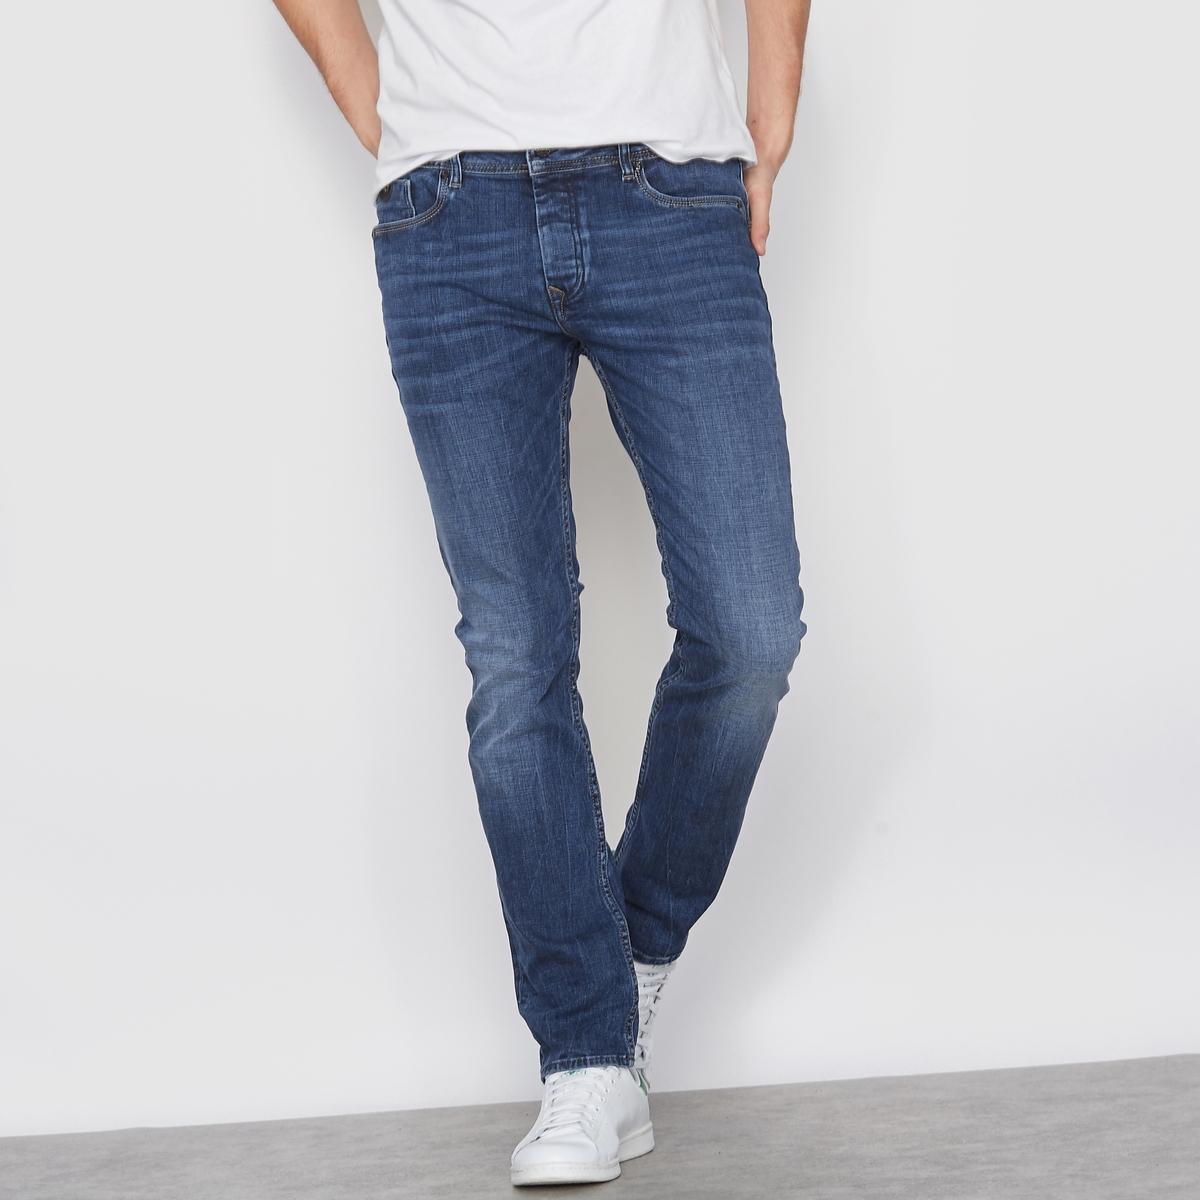 Джинсы прямыеПрямые обтягивающие джинсы из денима с 5 карманами, KAPORAL. Застежка на болты. Пояс со шлевками. Нашивка сзади и логотип Kaporal. Оригинальная прострочка на карманах. Состав и описаниеМатериал : 99% хлопка, 1% эластанаМарка : KAPORAL<br><br>Цвет: синий деним<br>Размер: 30 (US) - 30 (US)